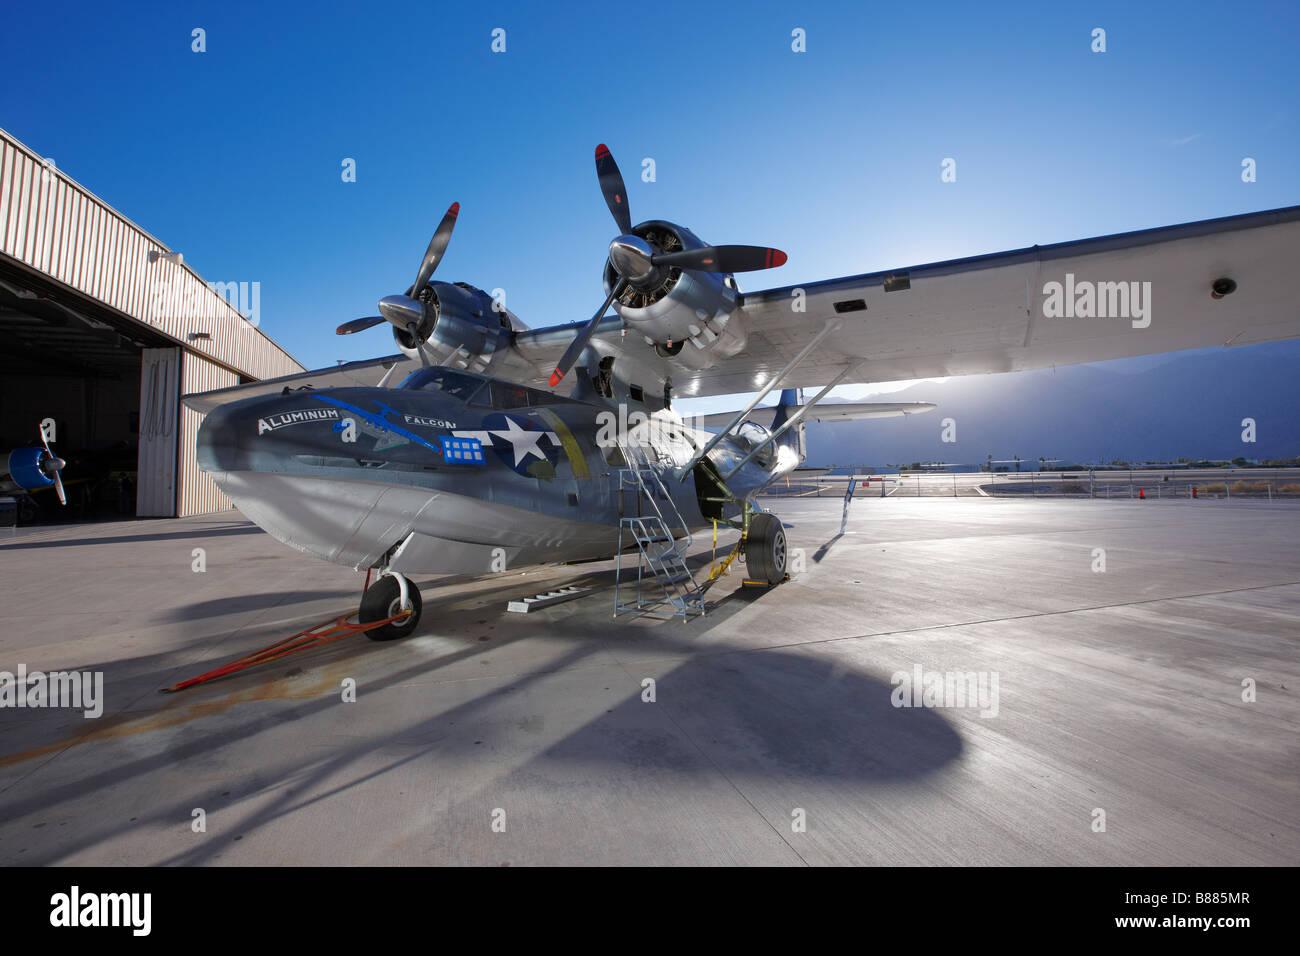 Palm Springs Air Museum Stock Photos & Palm Springs Air Museum ...